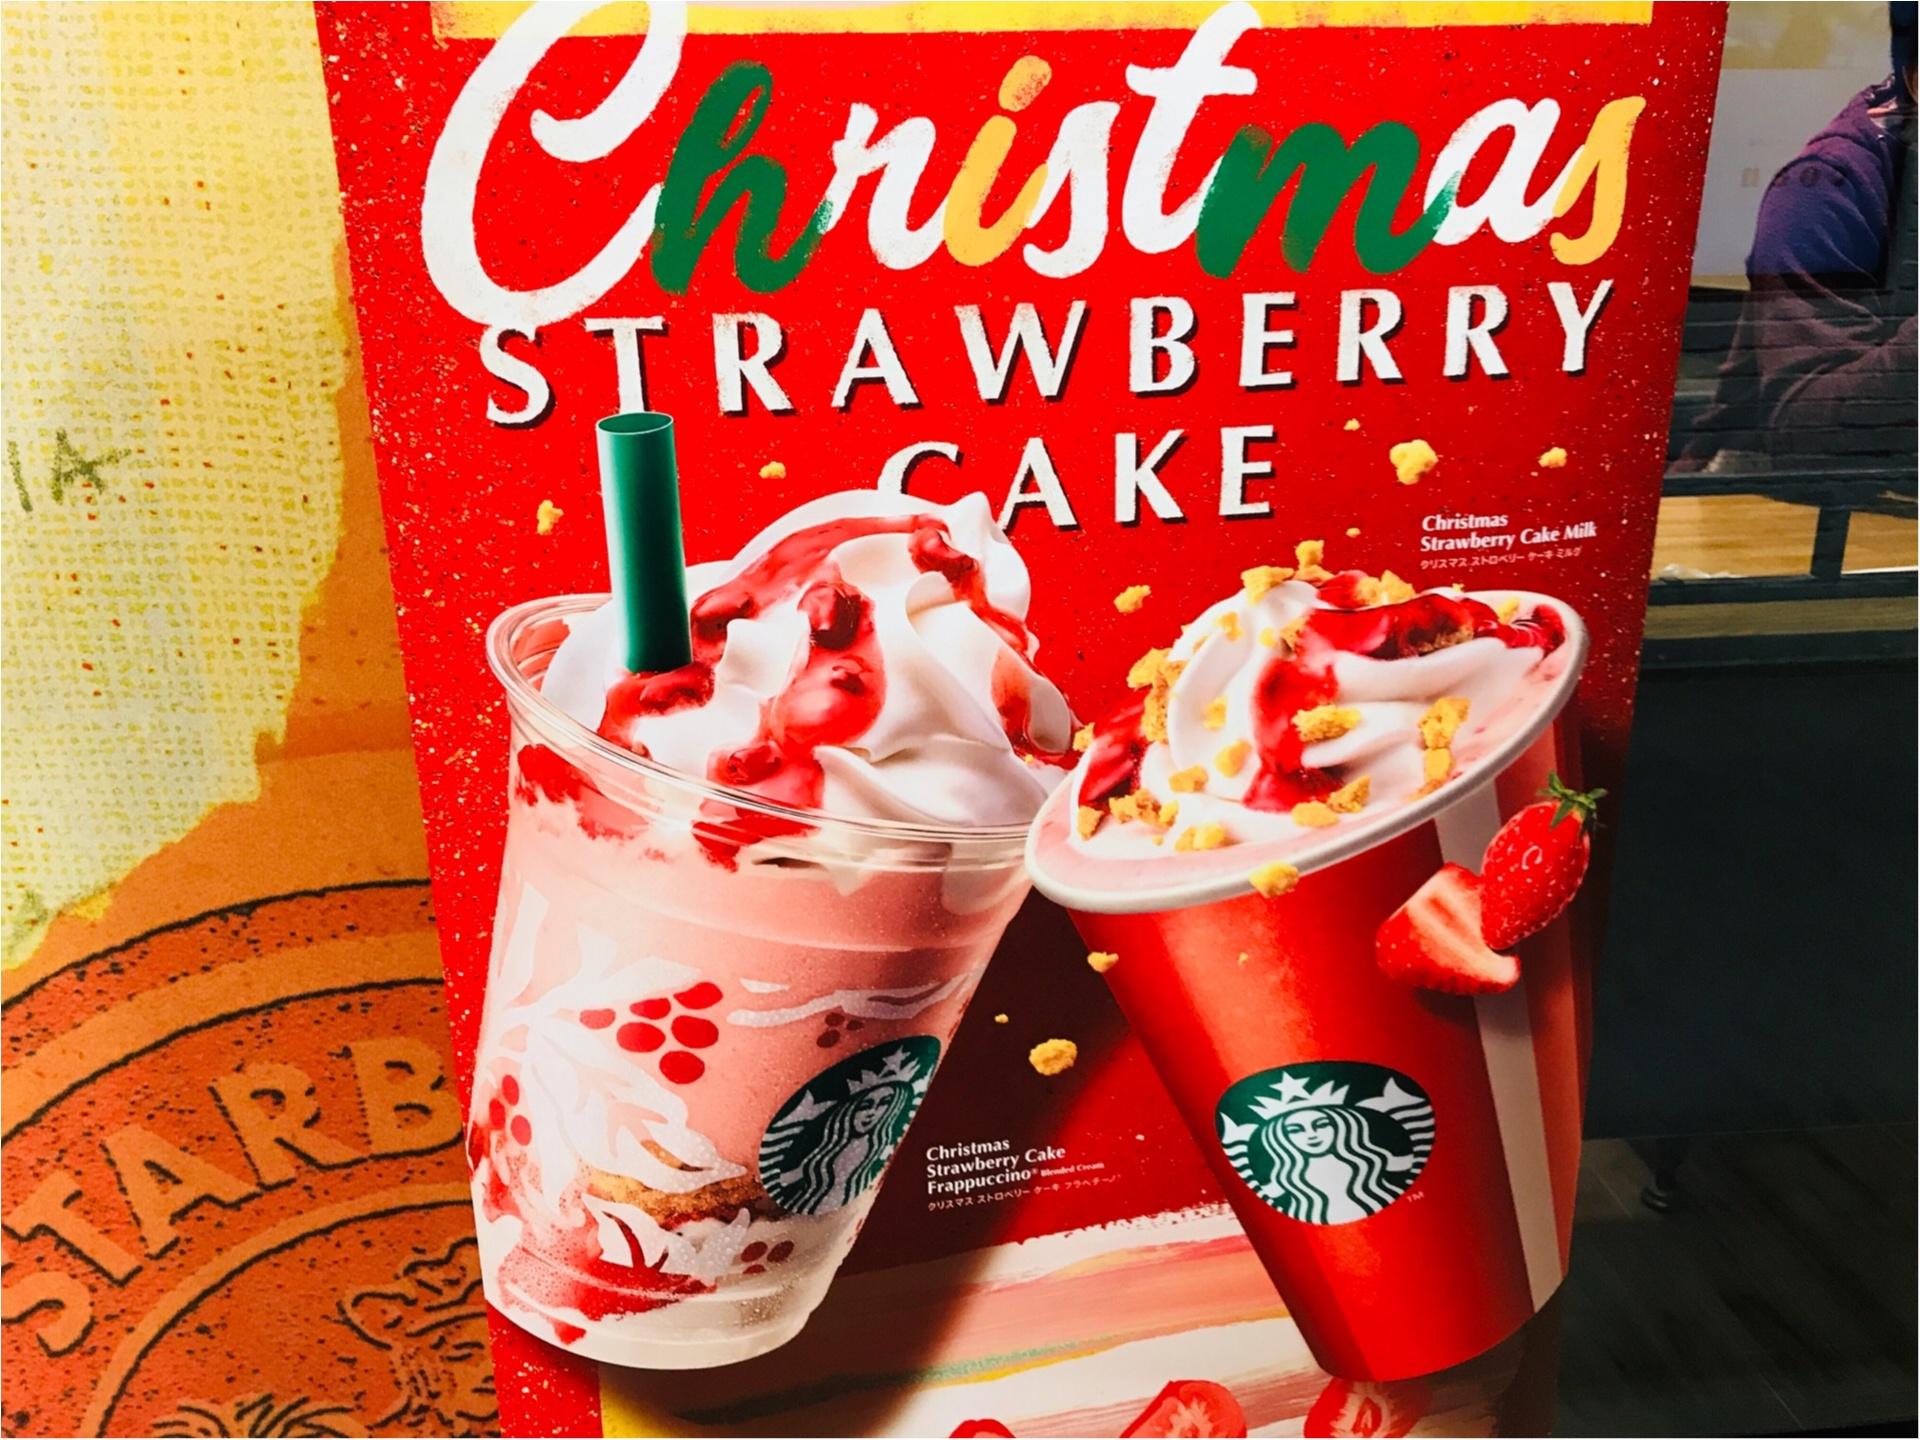 【スタバ】ホリデーシーズン到来!《ストロベリーケーキ》で一足早くクリスマス気分♡_1